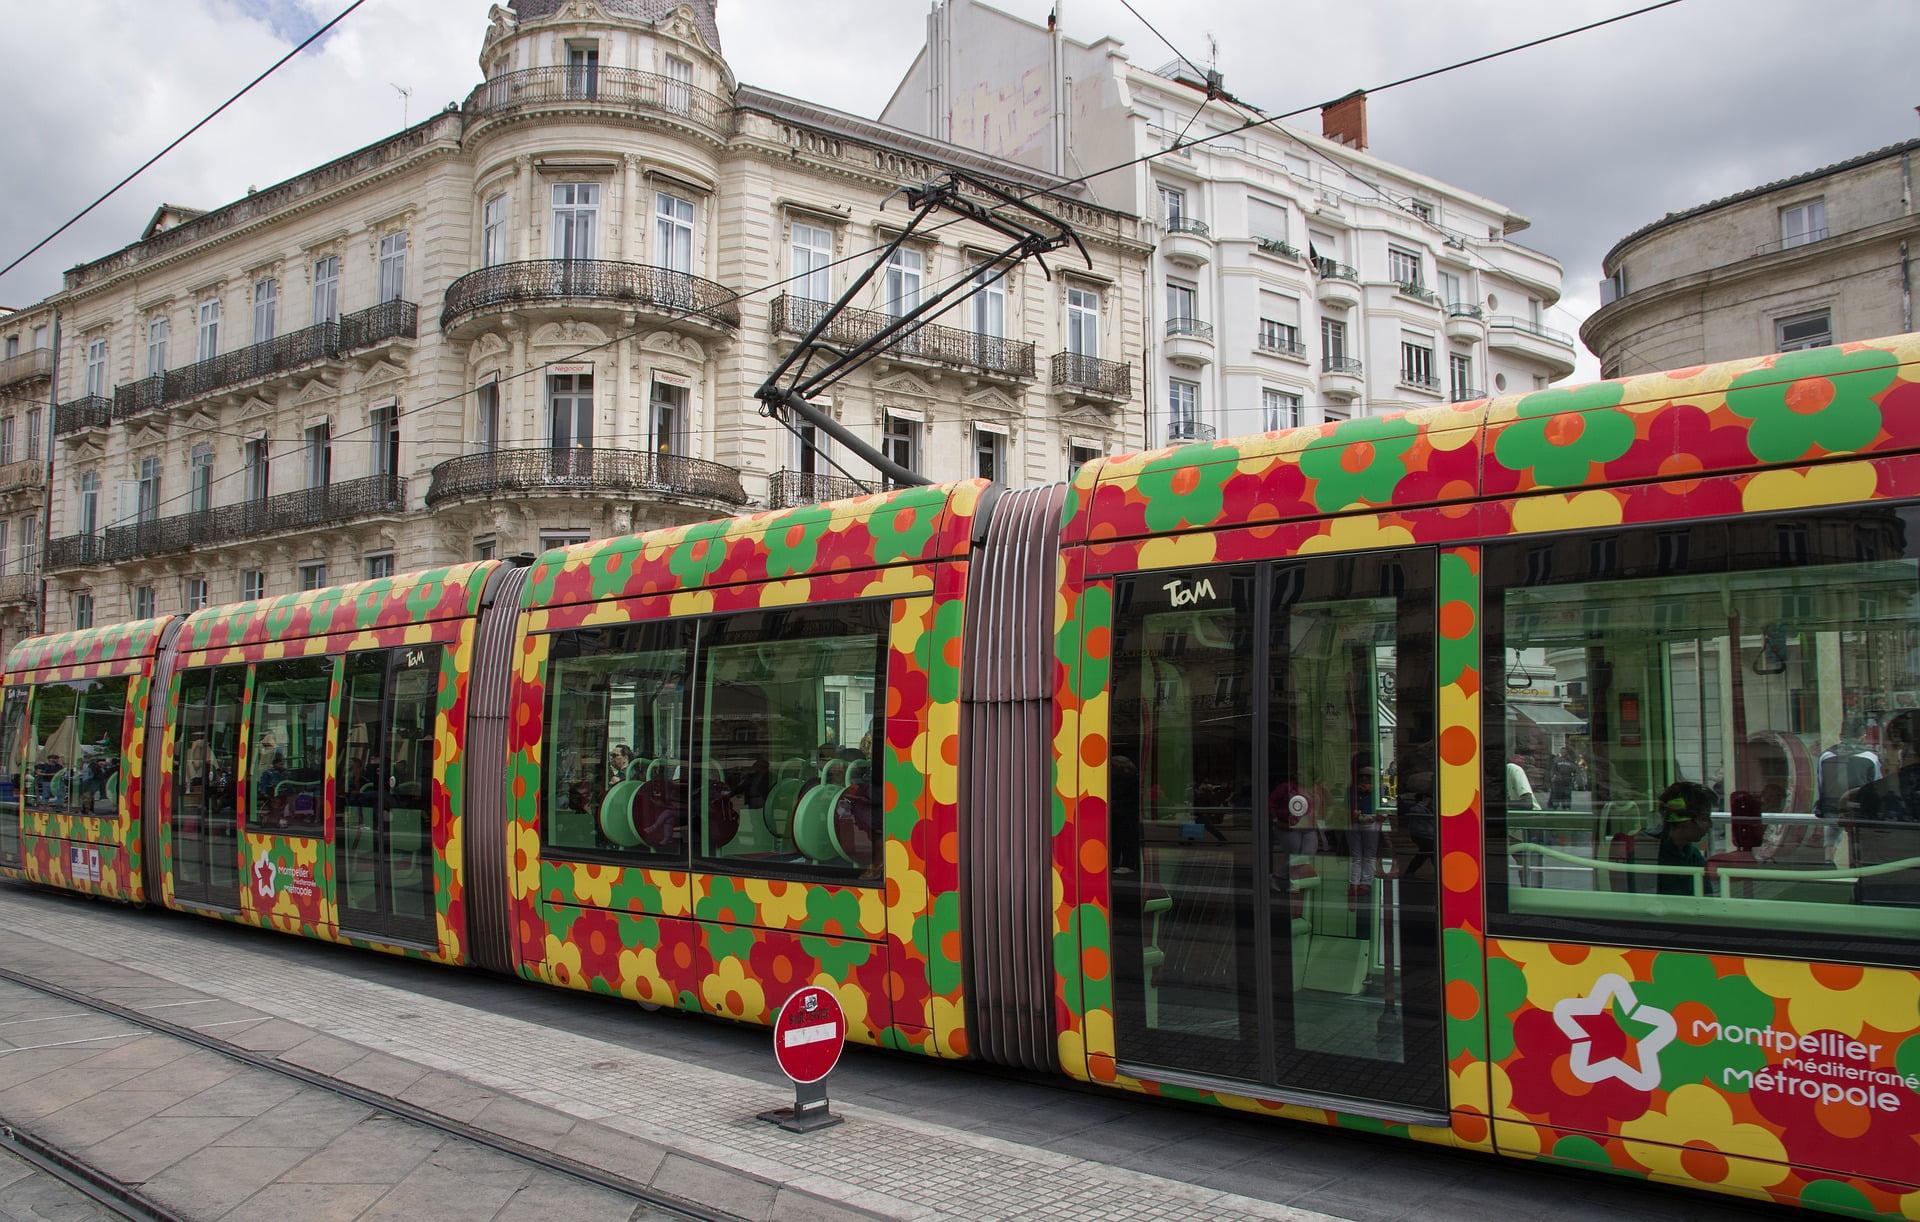 Une police des transports à Montpellier en 2023 !